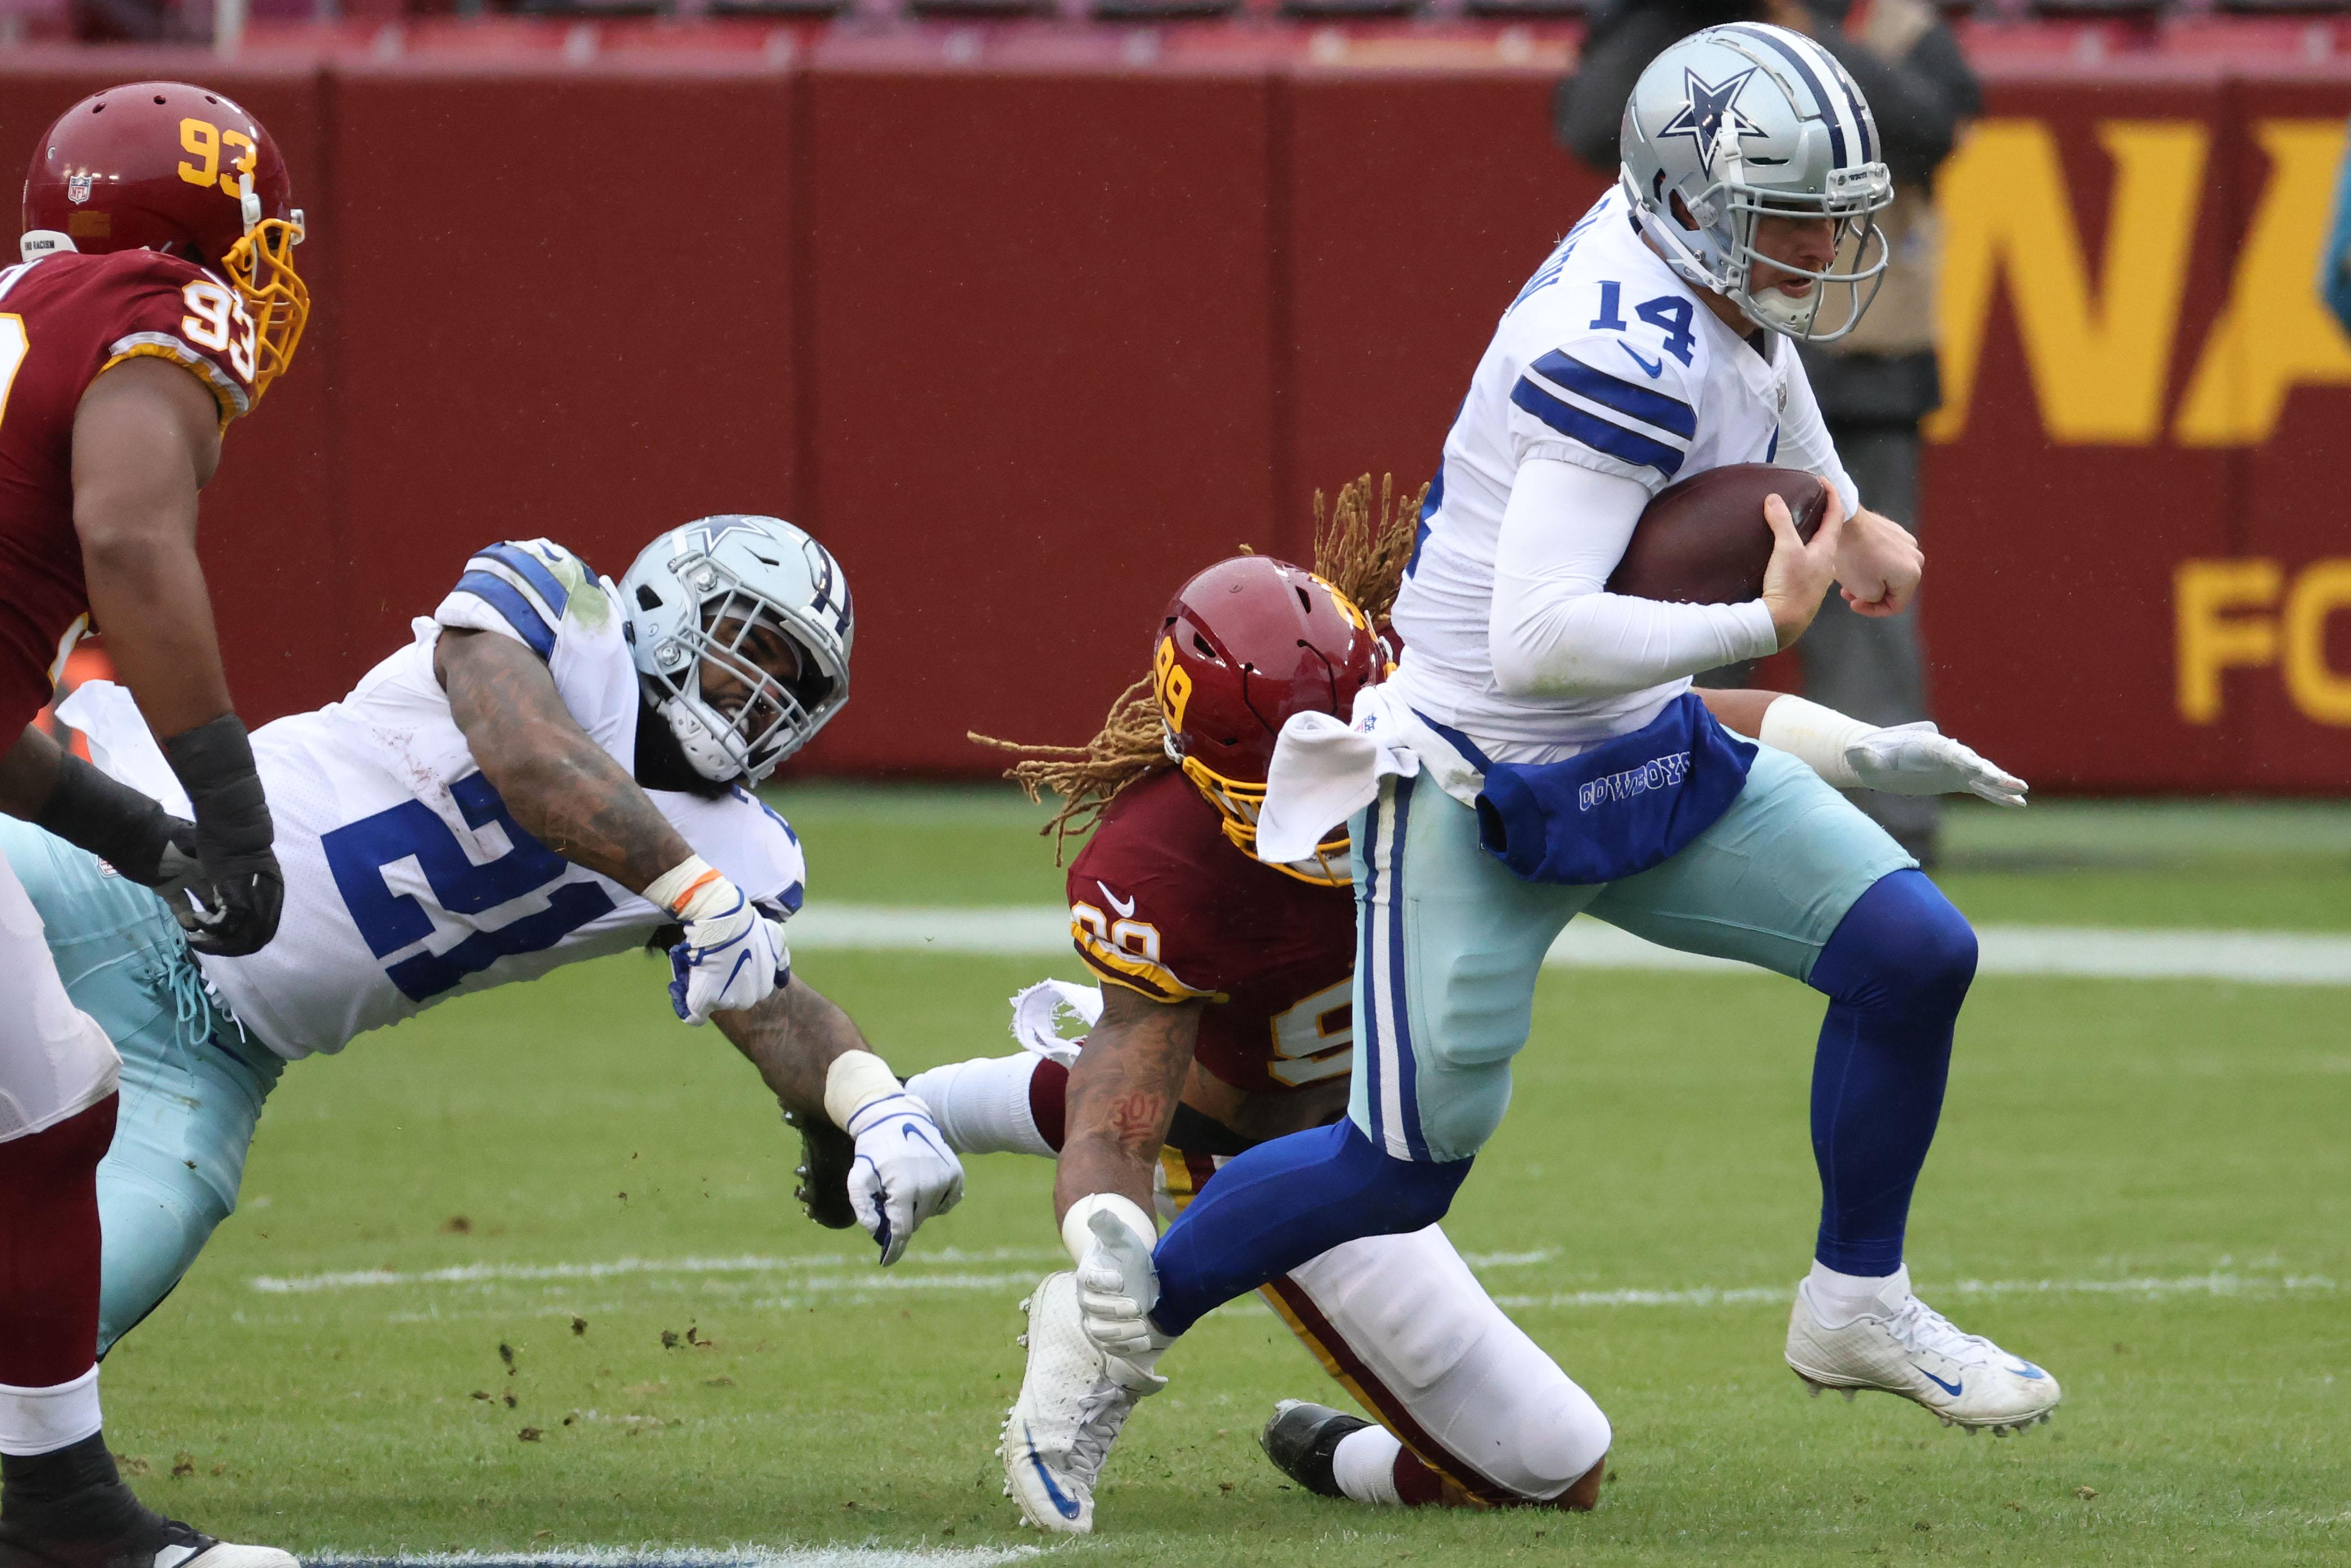 NFL: Dallas Cowboys at Washington Football Team